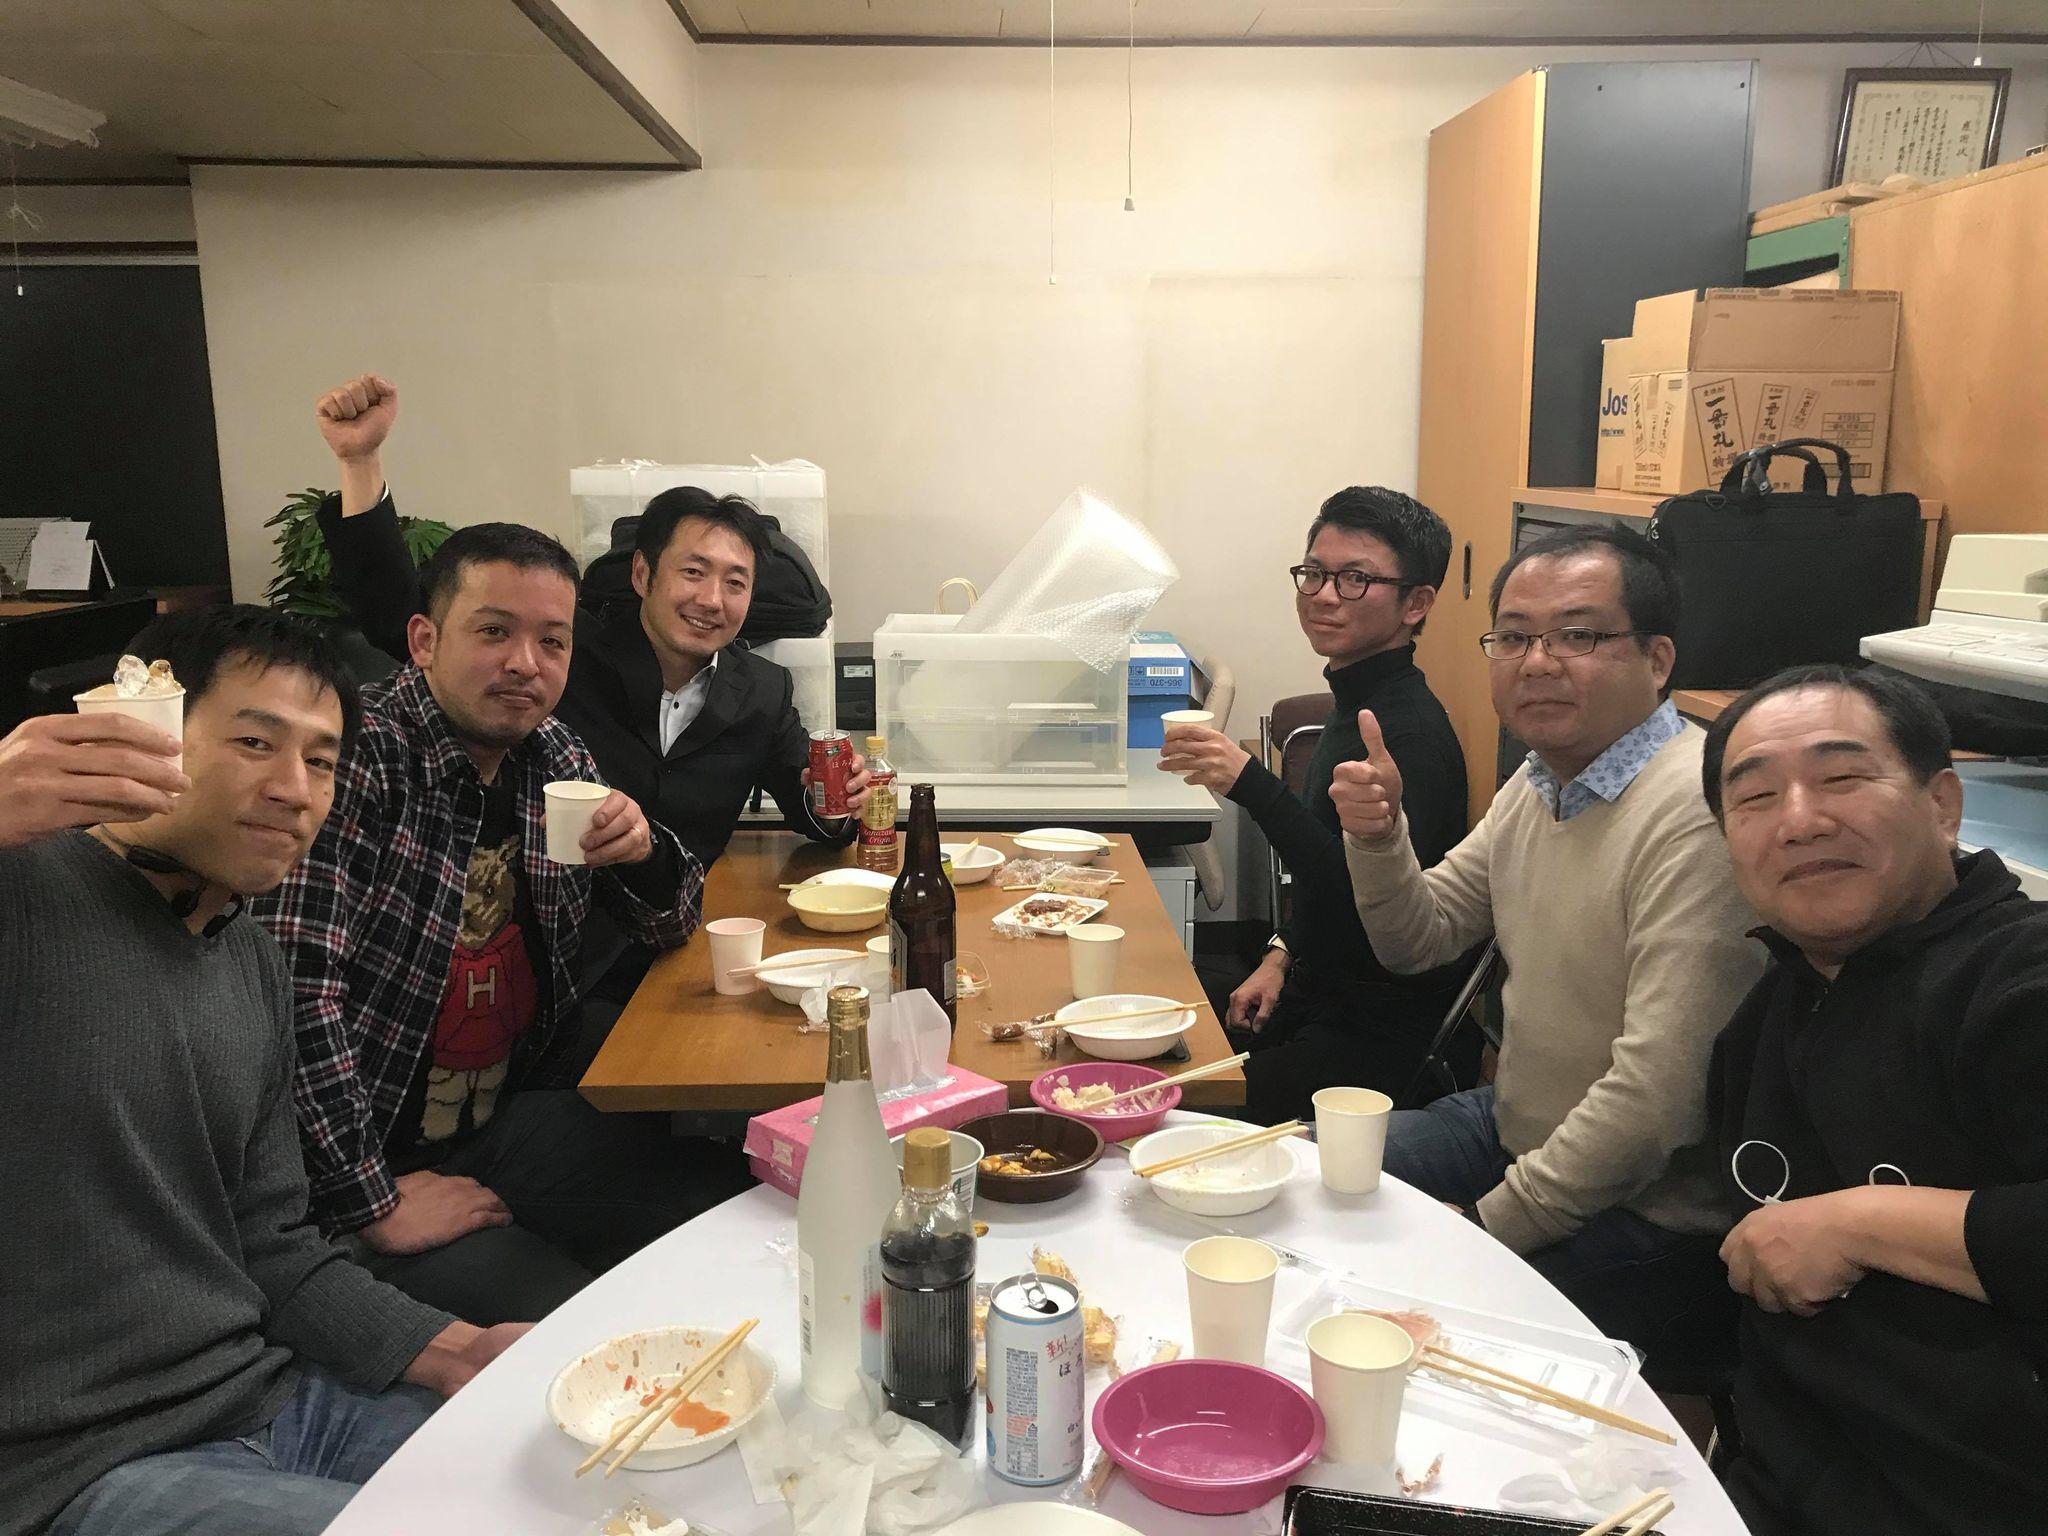 1月22日(金)19:00~ 教育士業会飲み会を開催しました